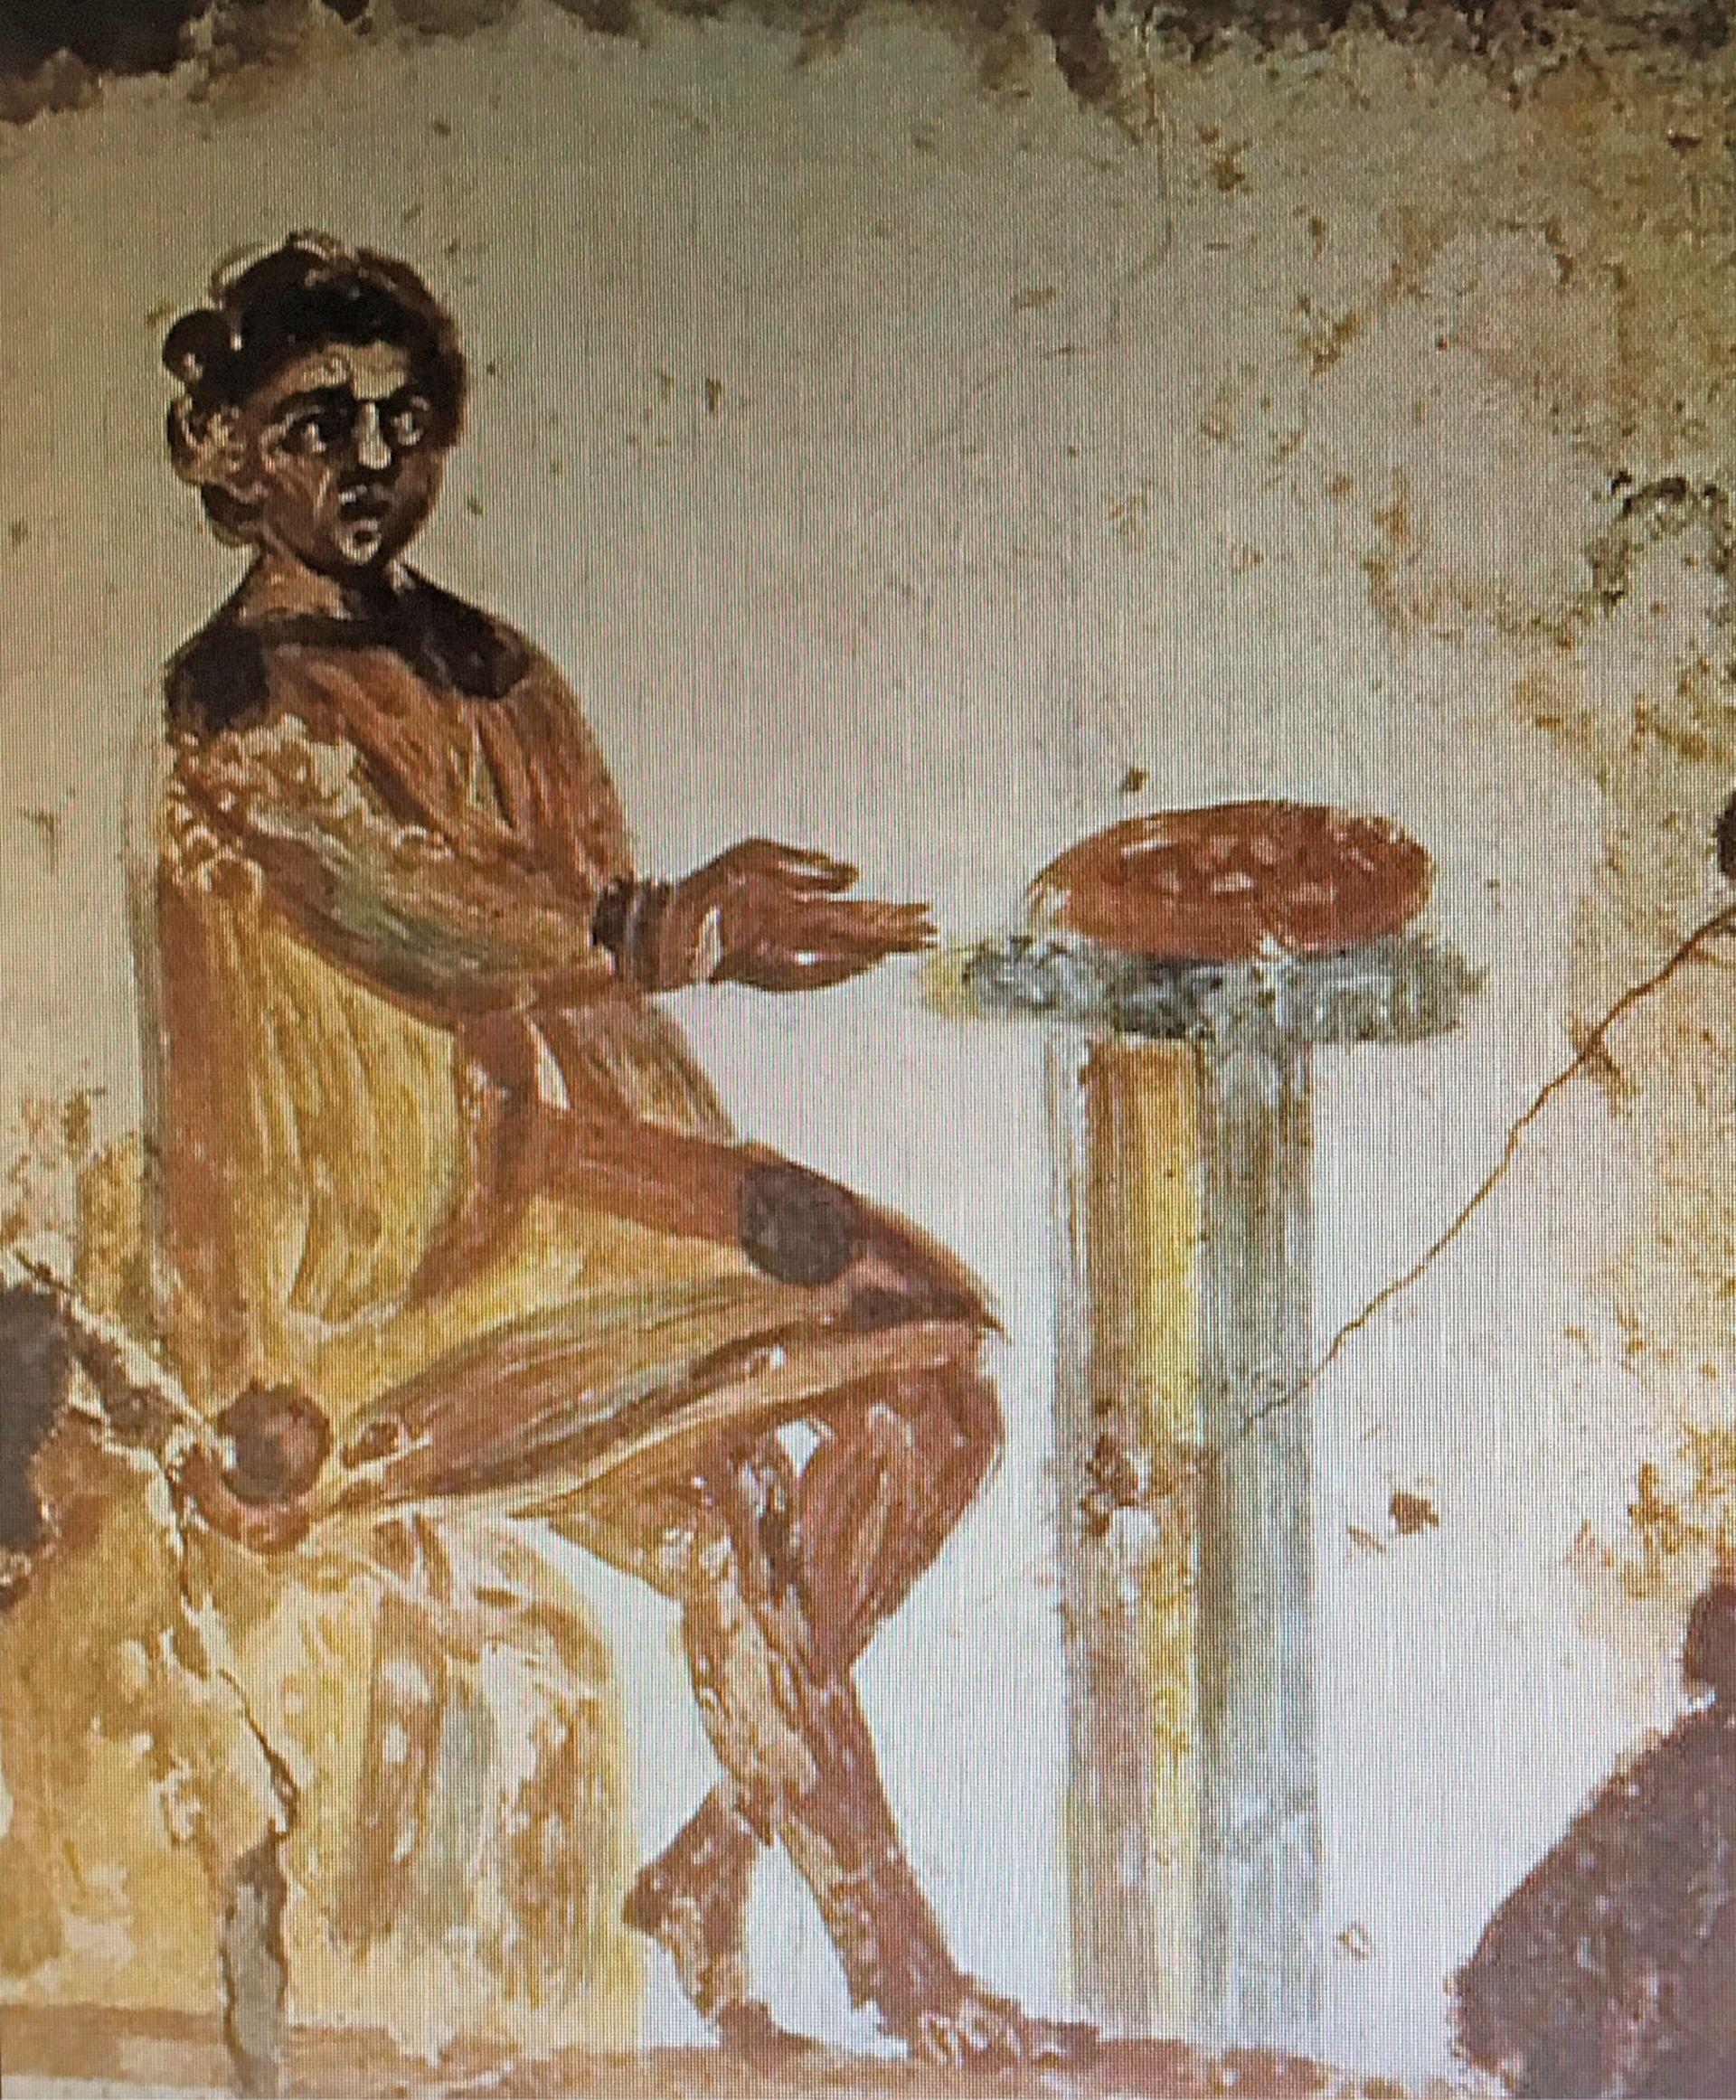 FELJTON Podzemna umjetnost rimskih katakombi